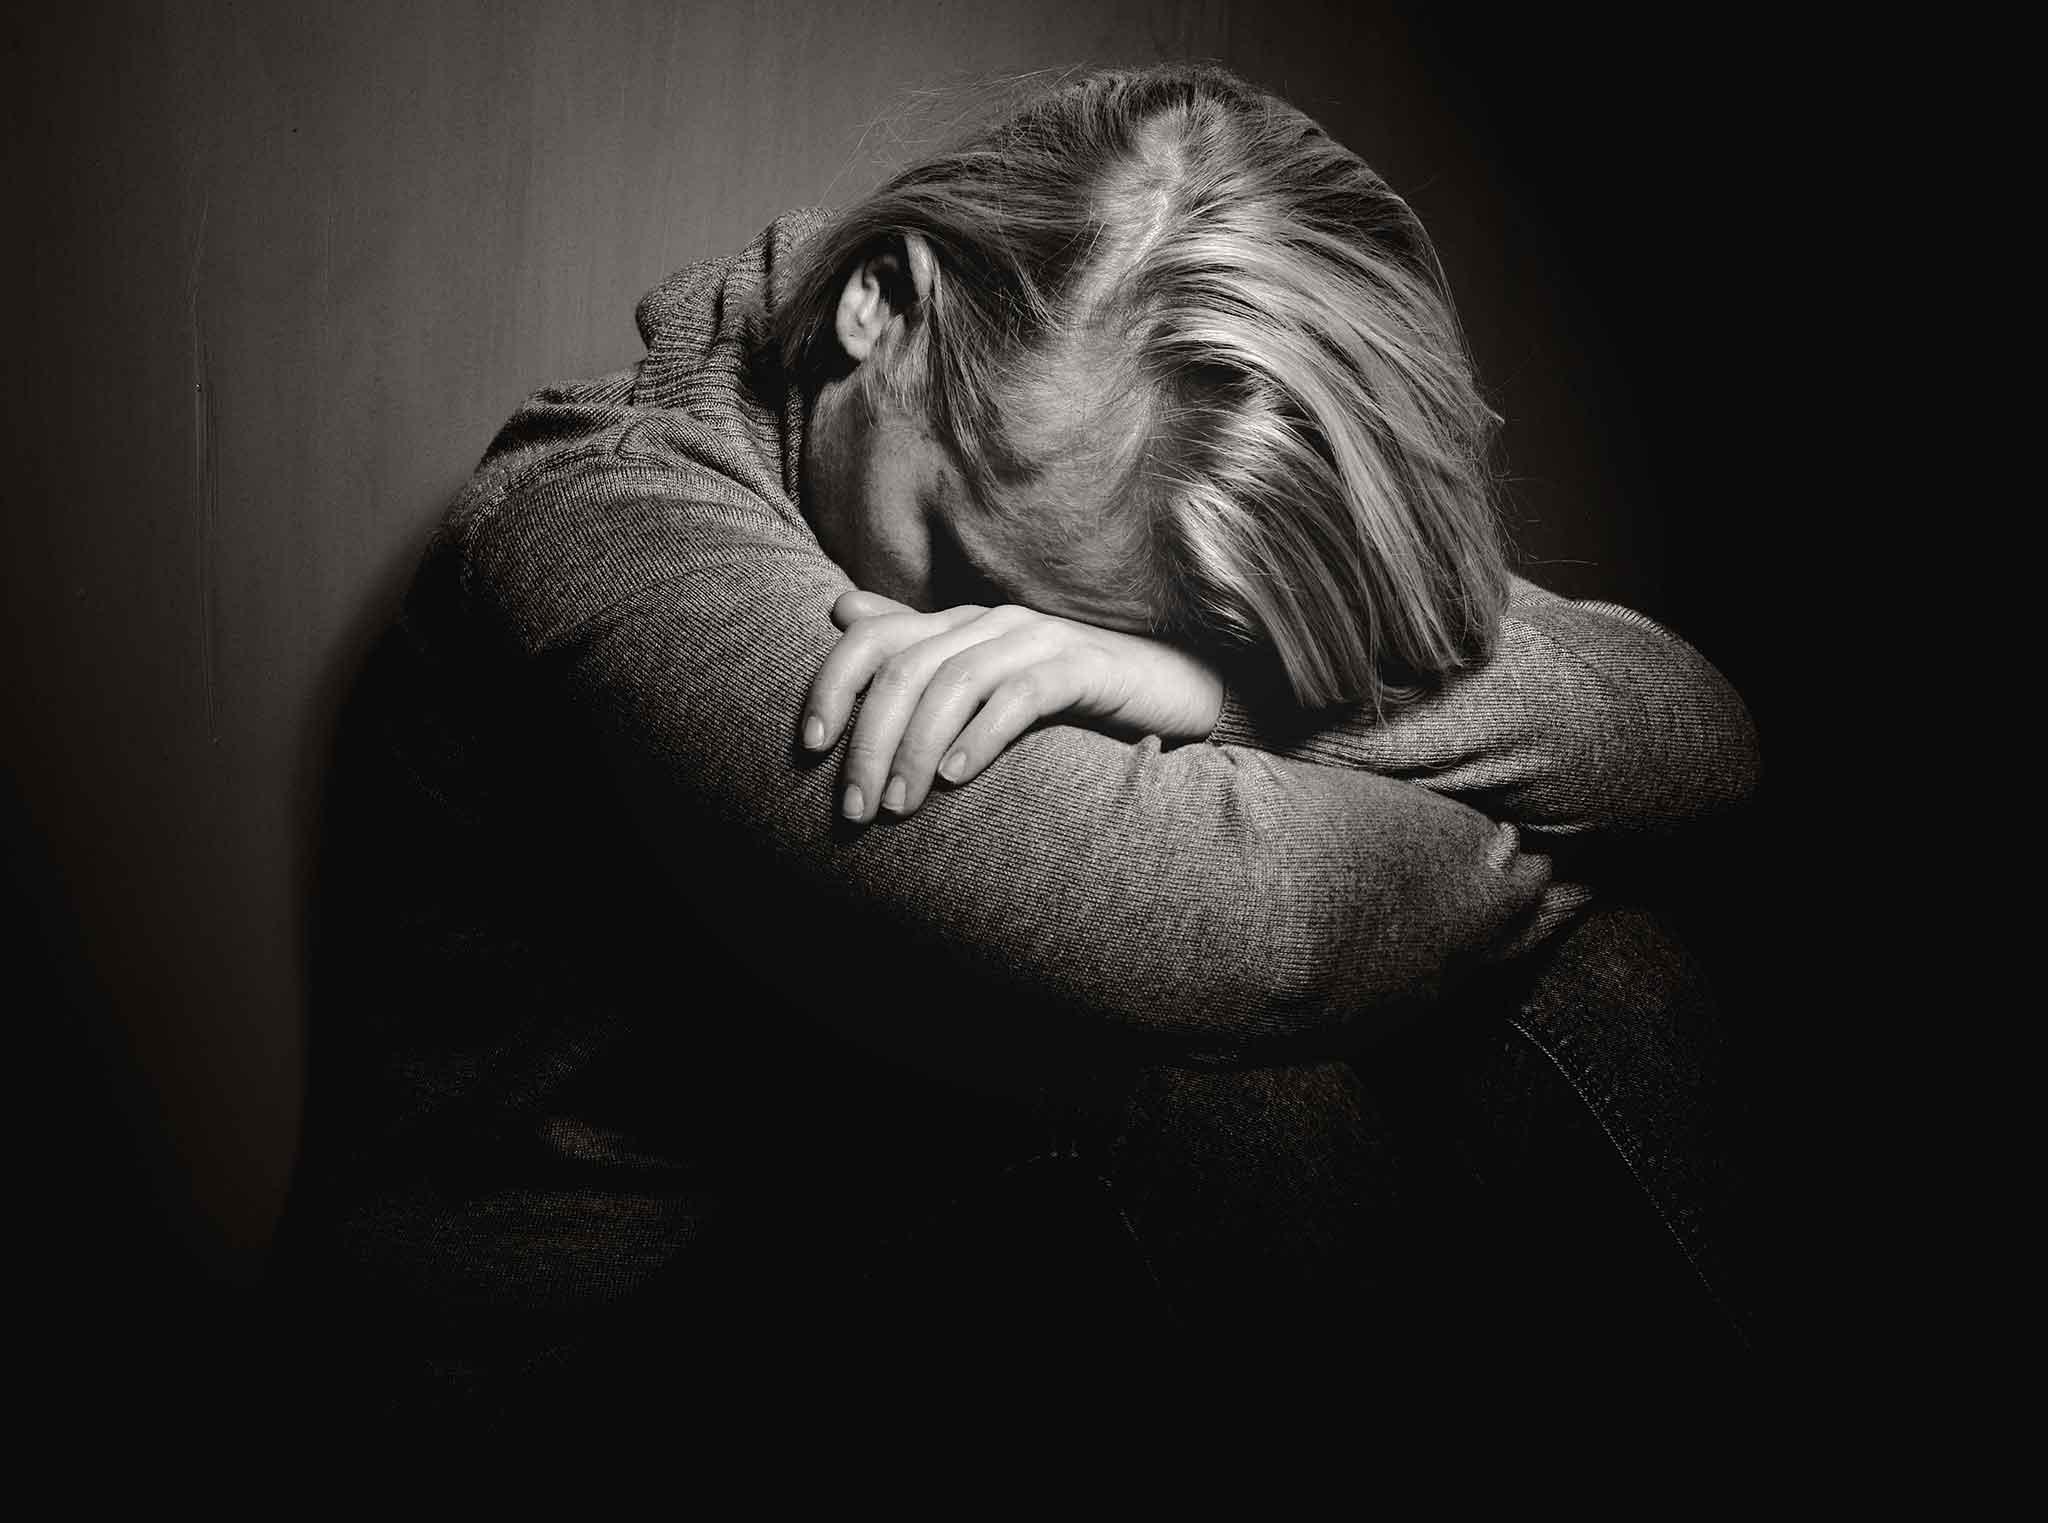 Riconoscere la violenza sulle donne | Centro Antiviolenza Aiutodonna Pistoia